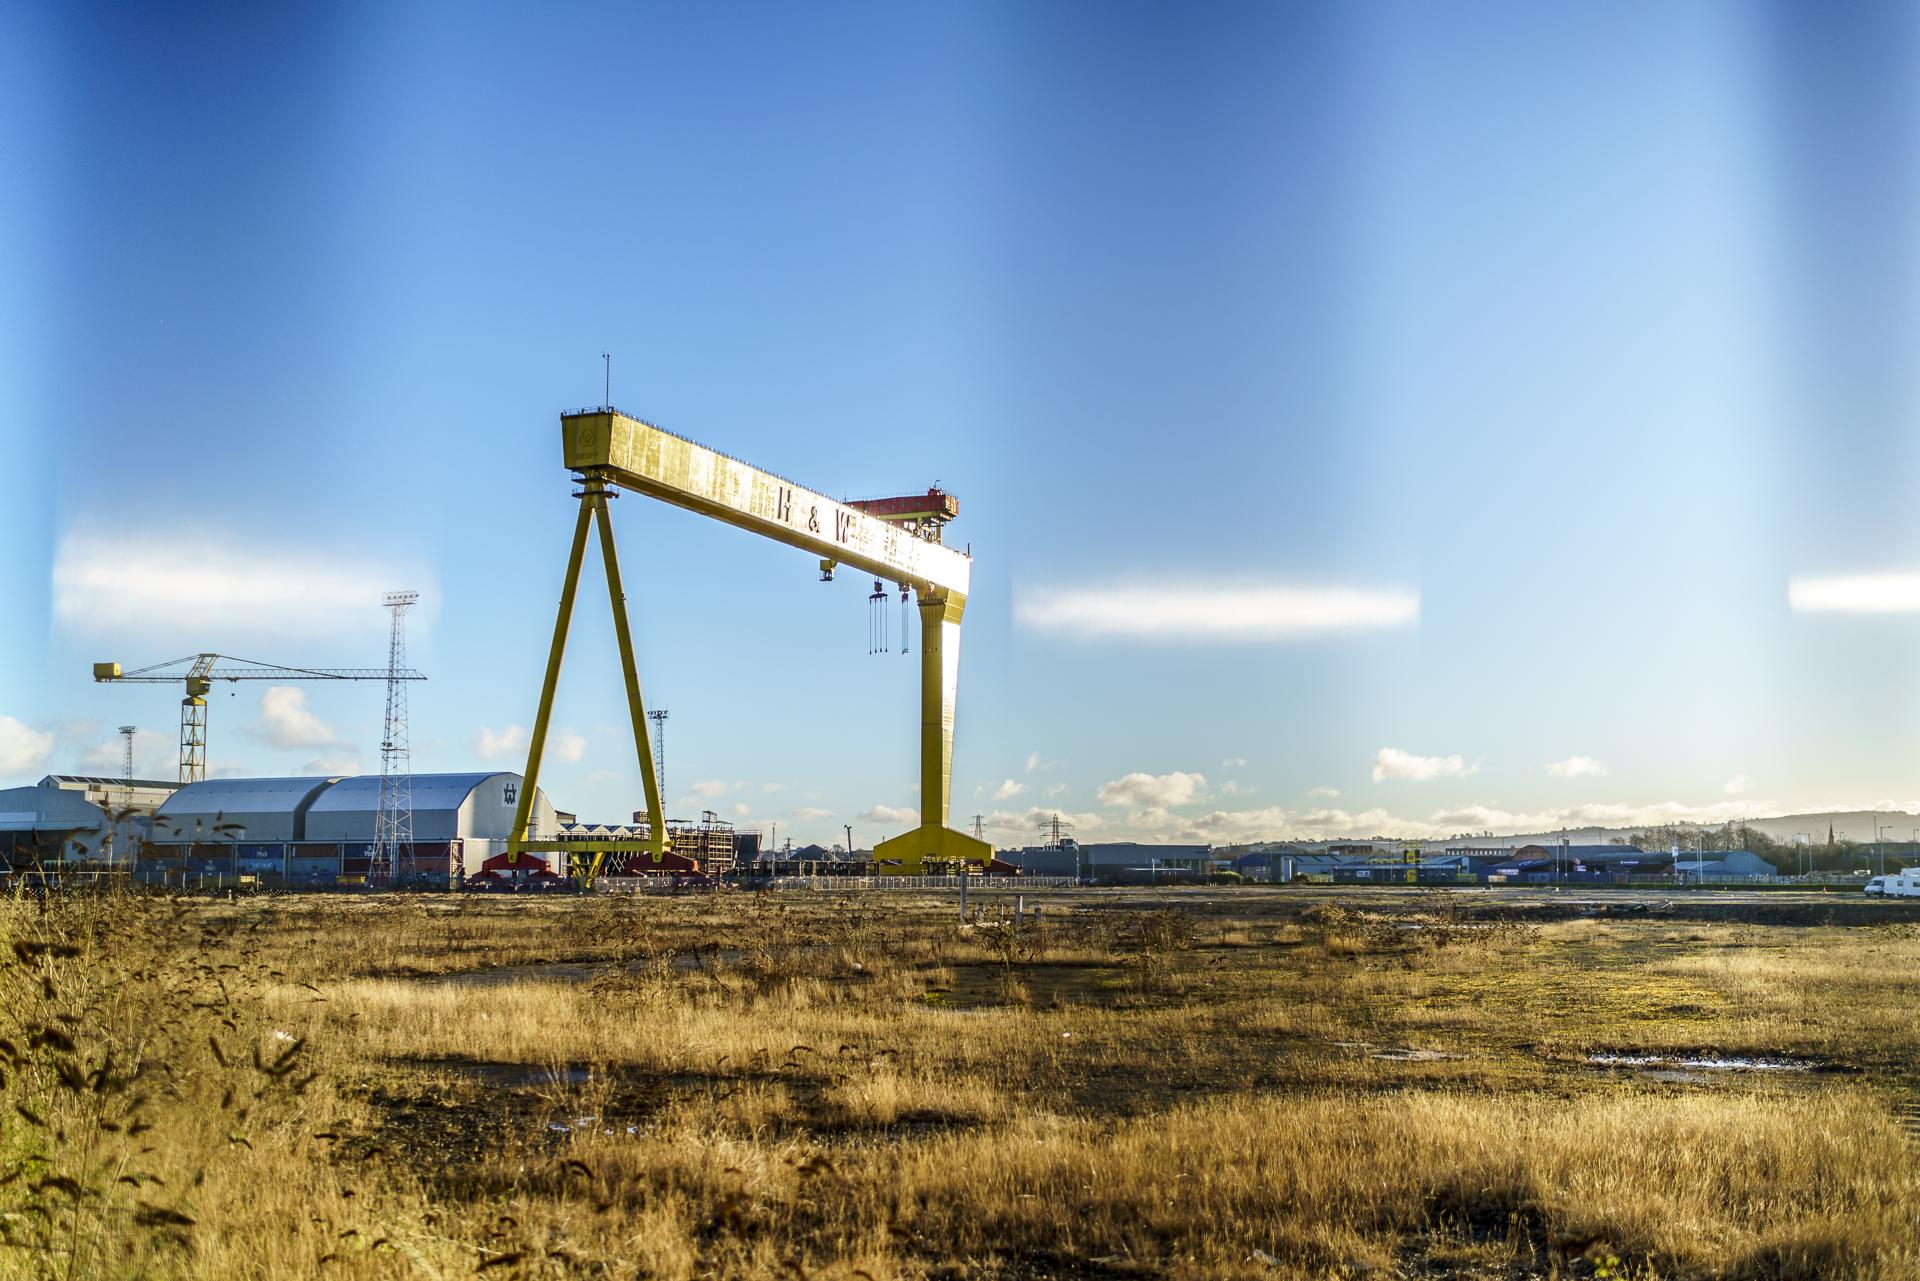 Harland Wolff Belfast